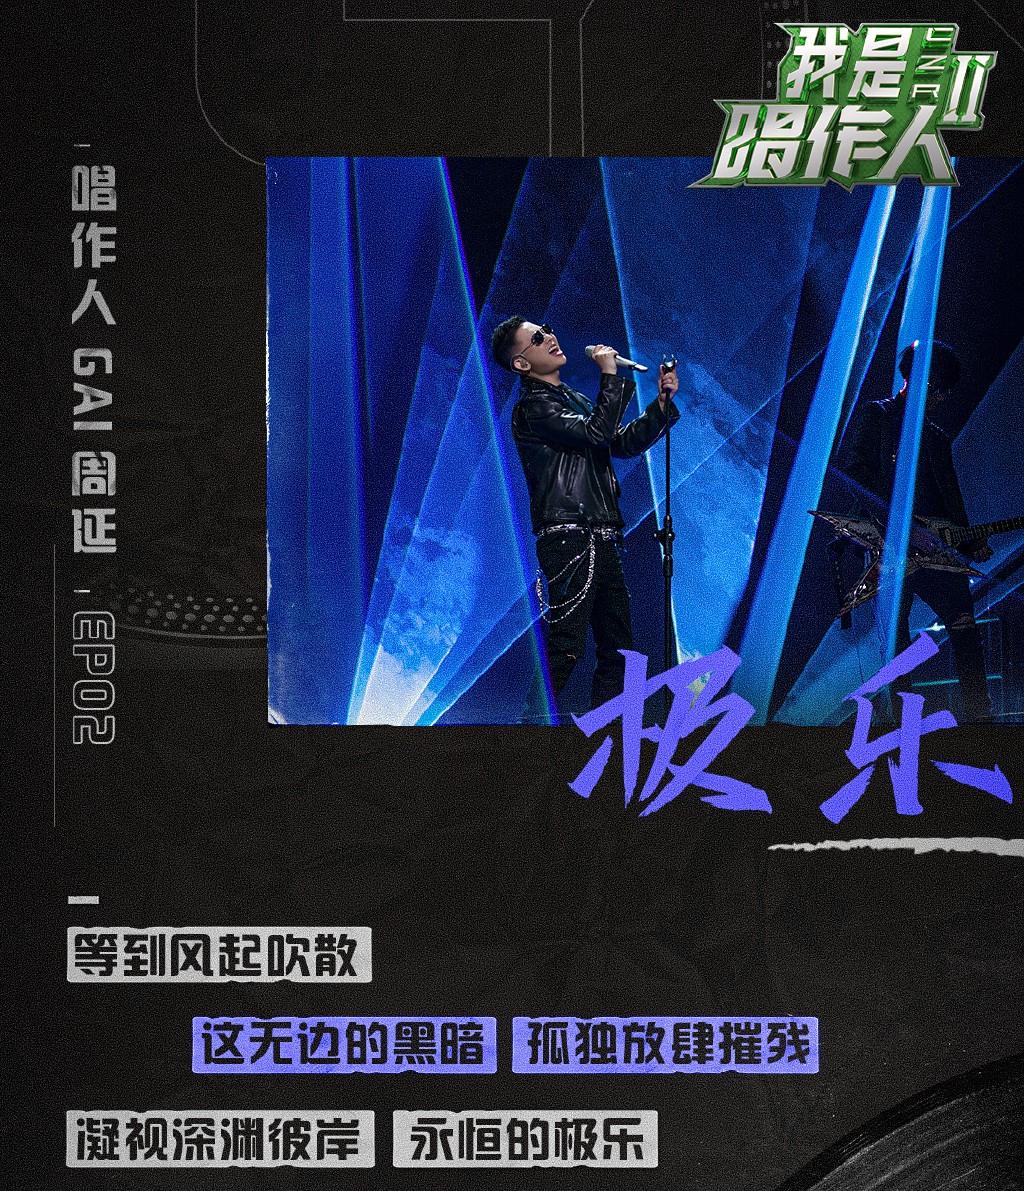 《我是唱作人》杀出黑马!说唱歌手GAI唱出陈奕迅、李宗盛的味道